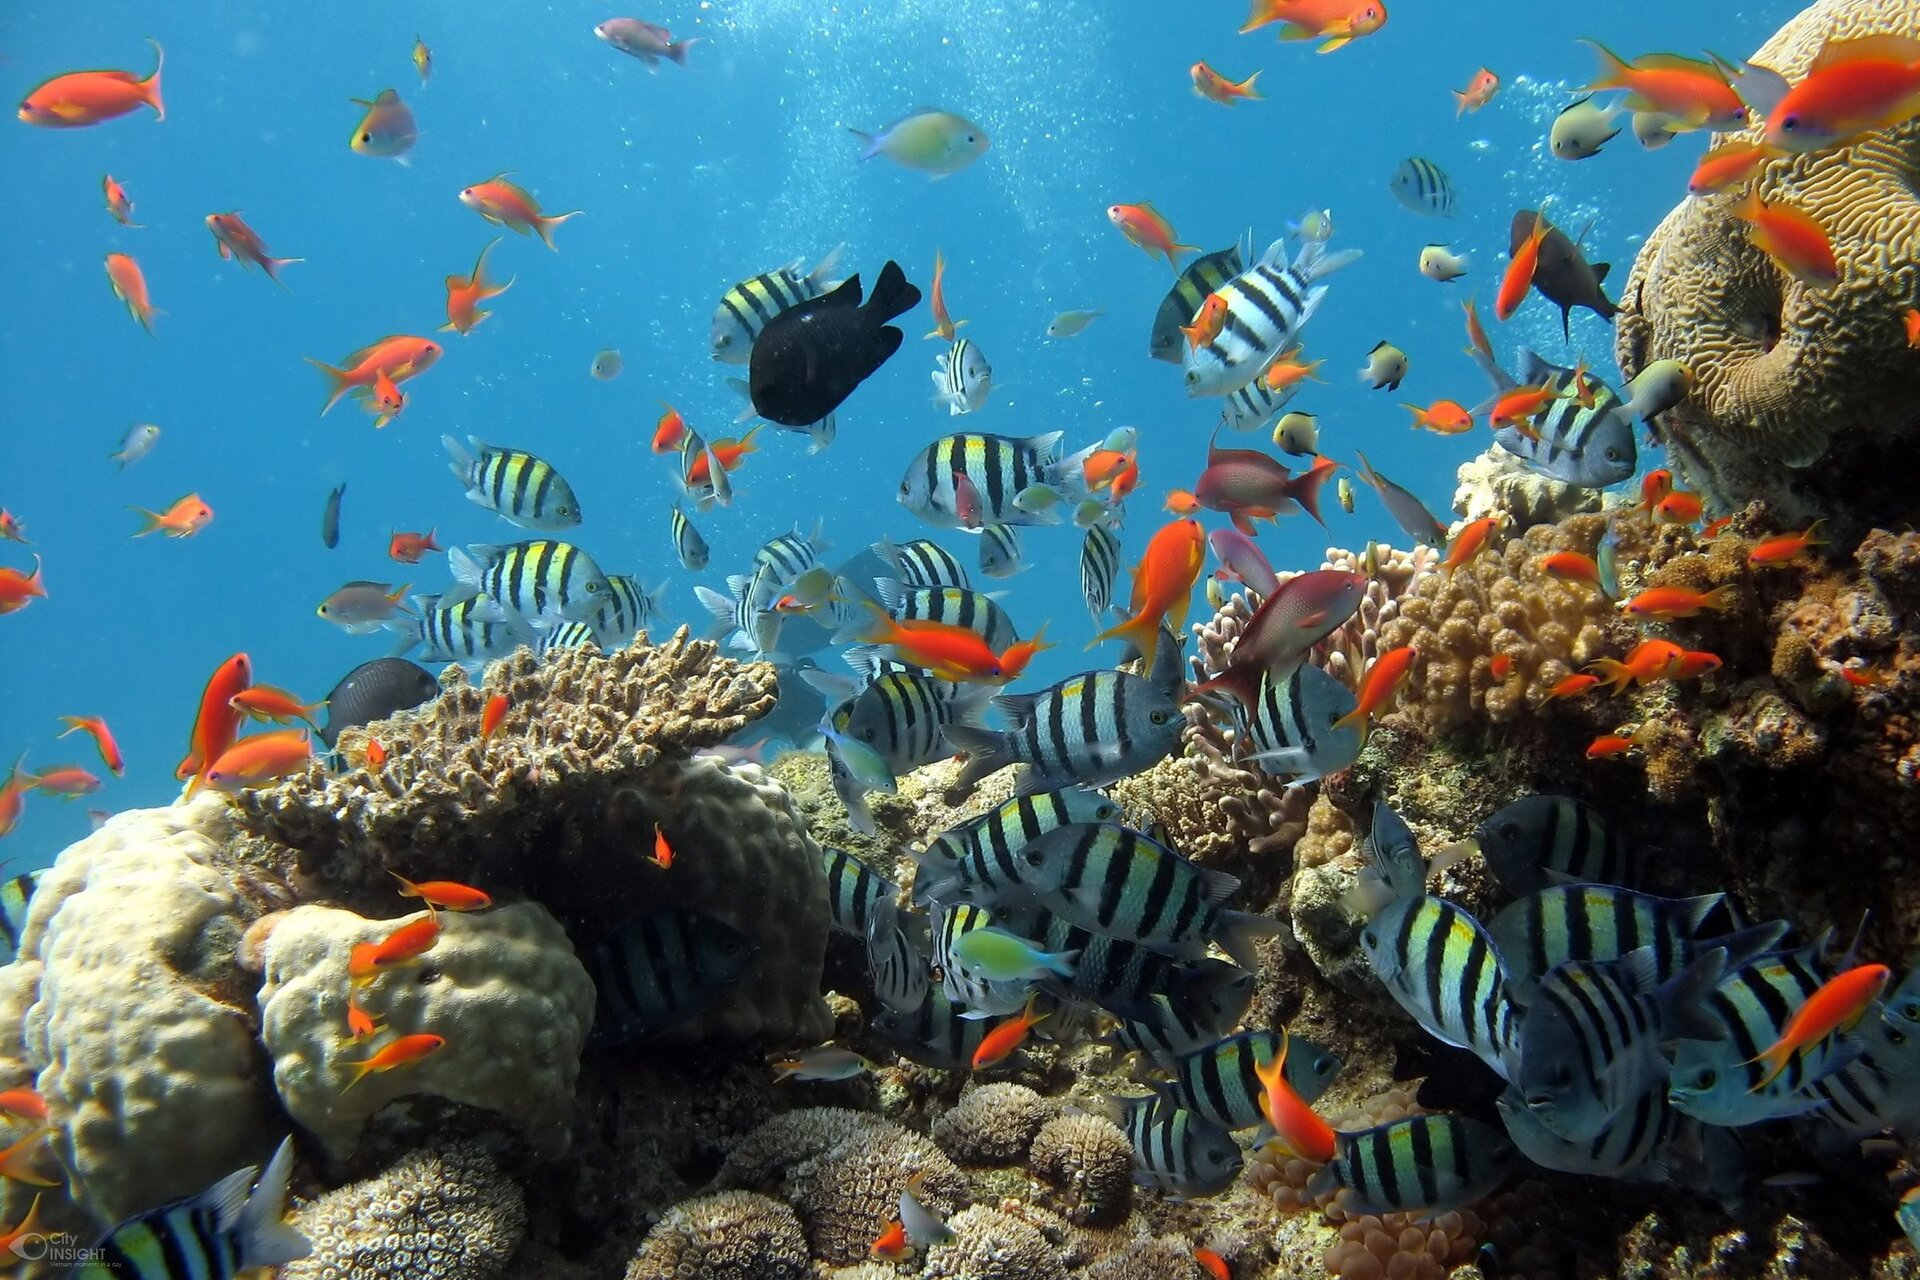 Fotografia rafy koralowej. Wdolnej części widać rafę. Występują tu koralowce układające się wtwory wformie kuli, płaskie, wkształcie talerza lub grzyba. Nad rafą pływają niewielkie ryby. Część znich jest pomarańczowa, aczęść wpionowe czarno-białe pasy.